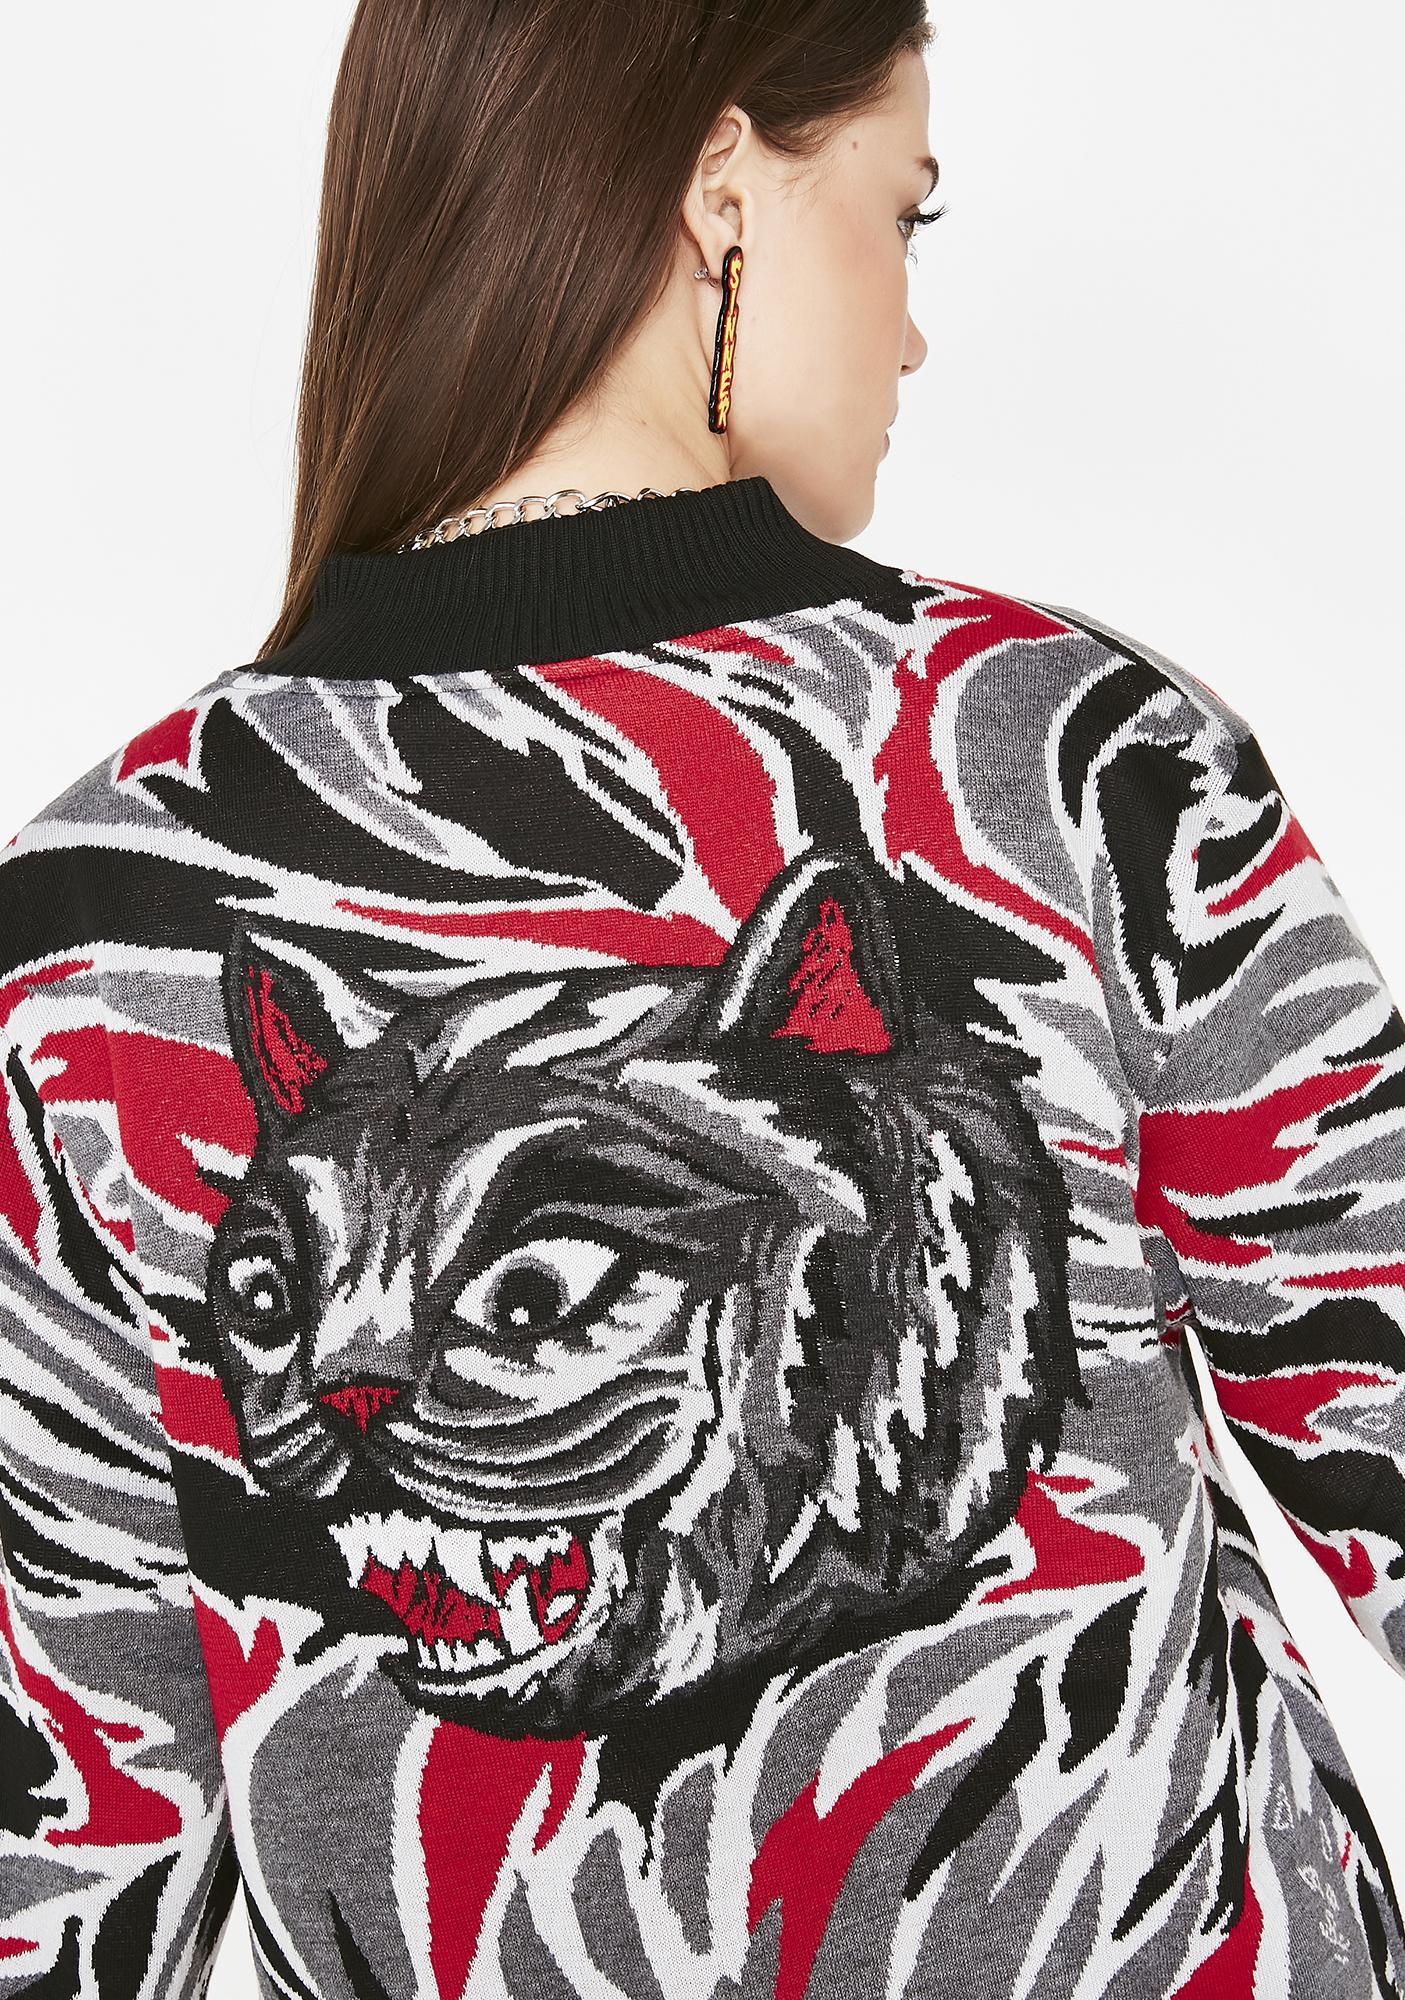 RIPNDIP Lit Tiger Nerm Knit Sweater